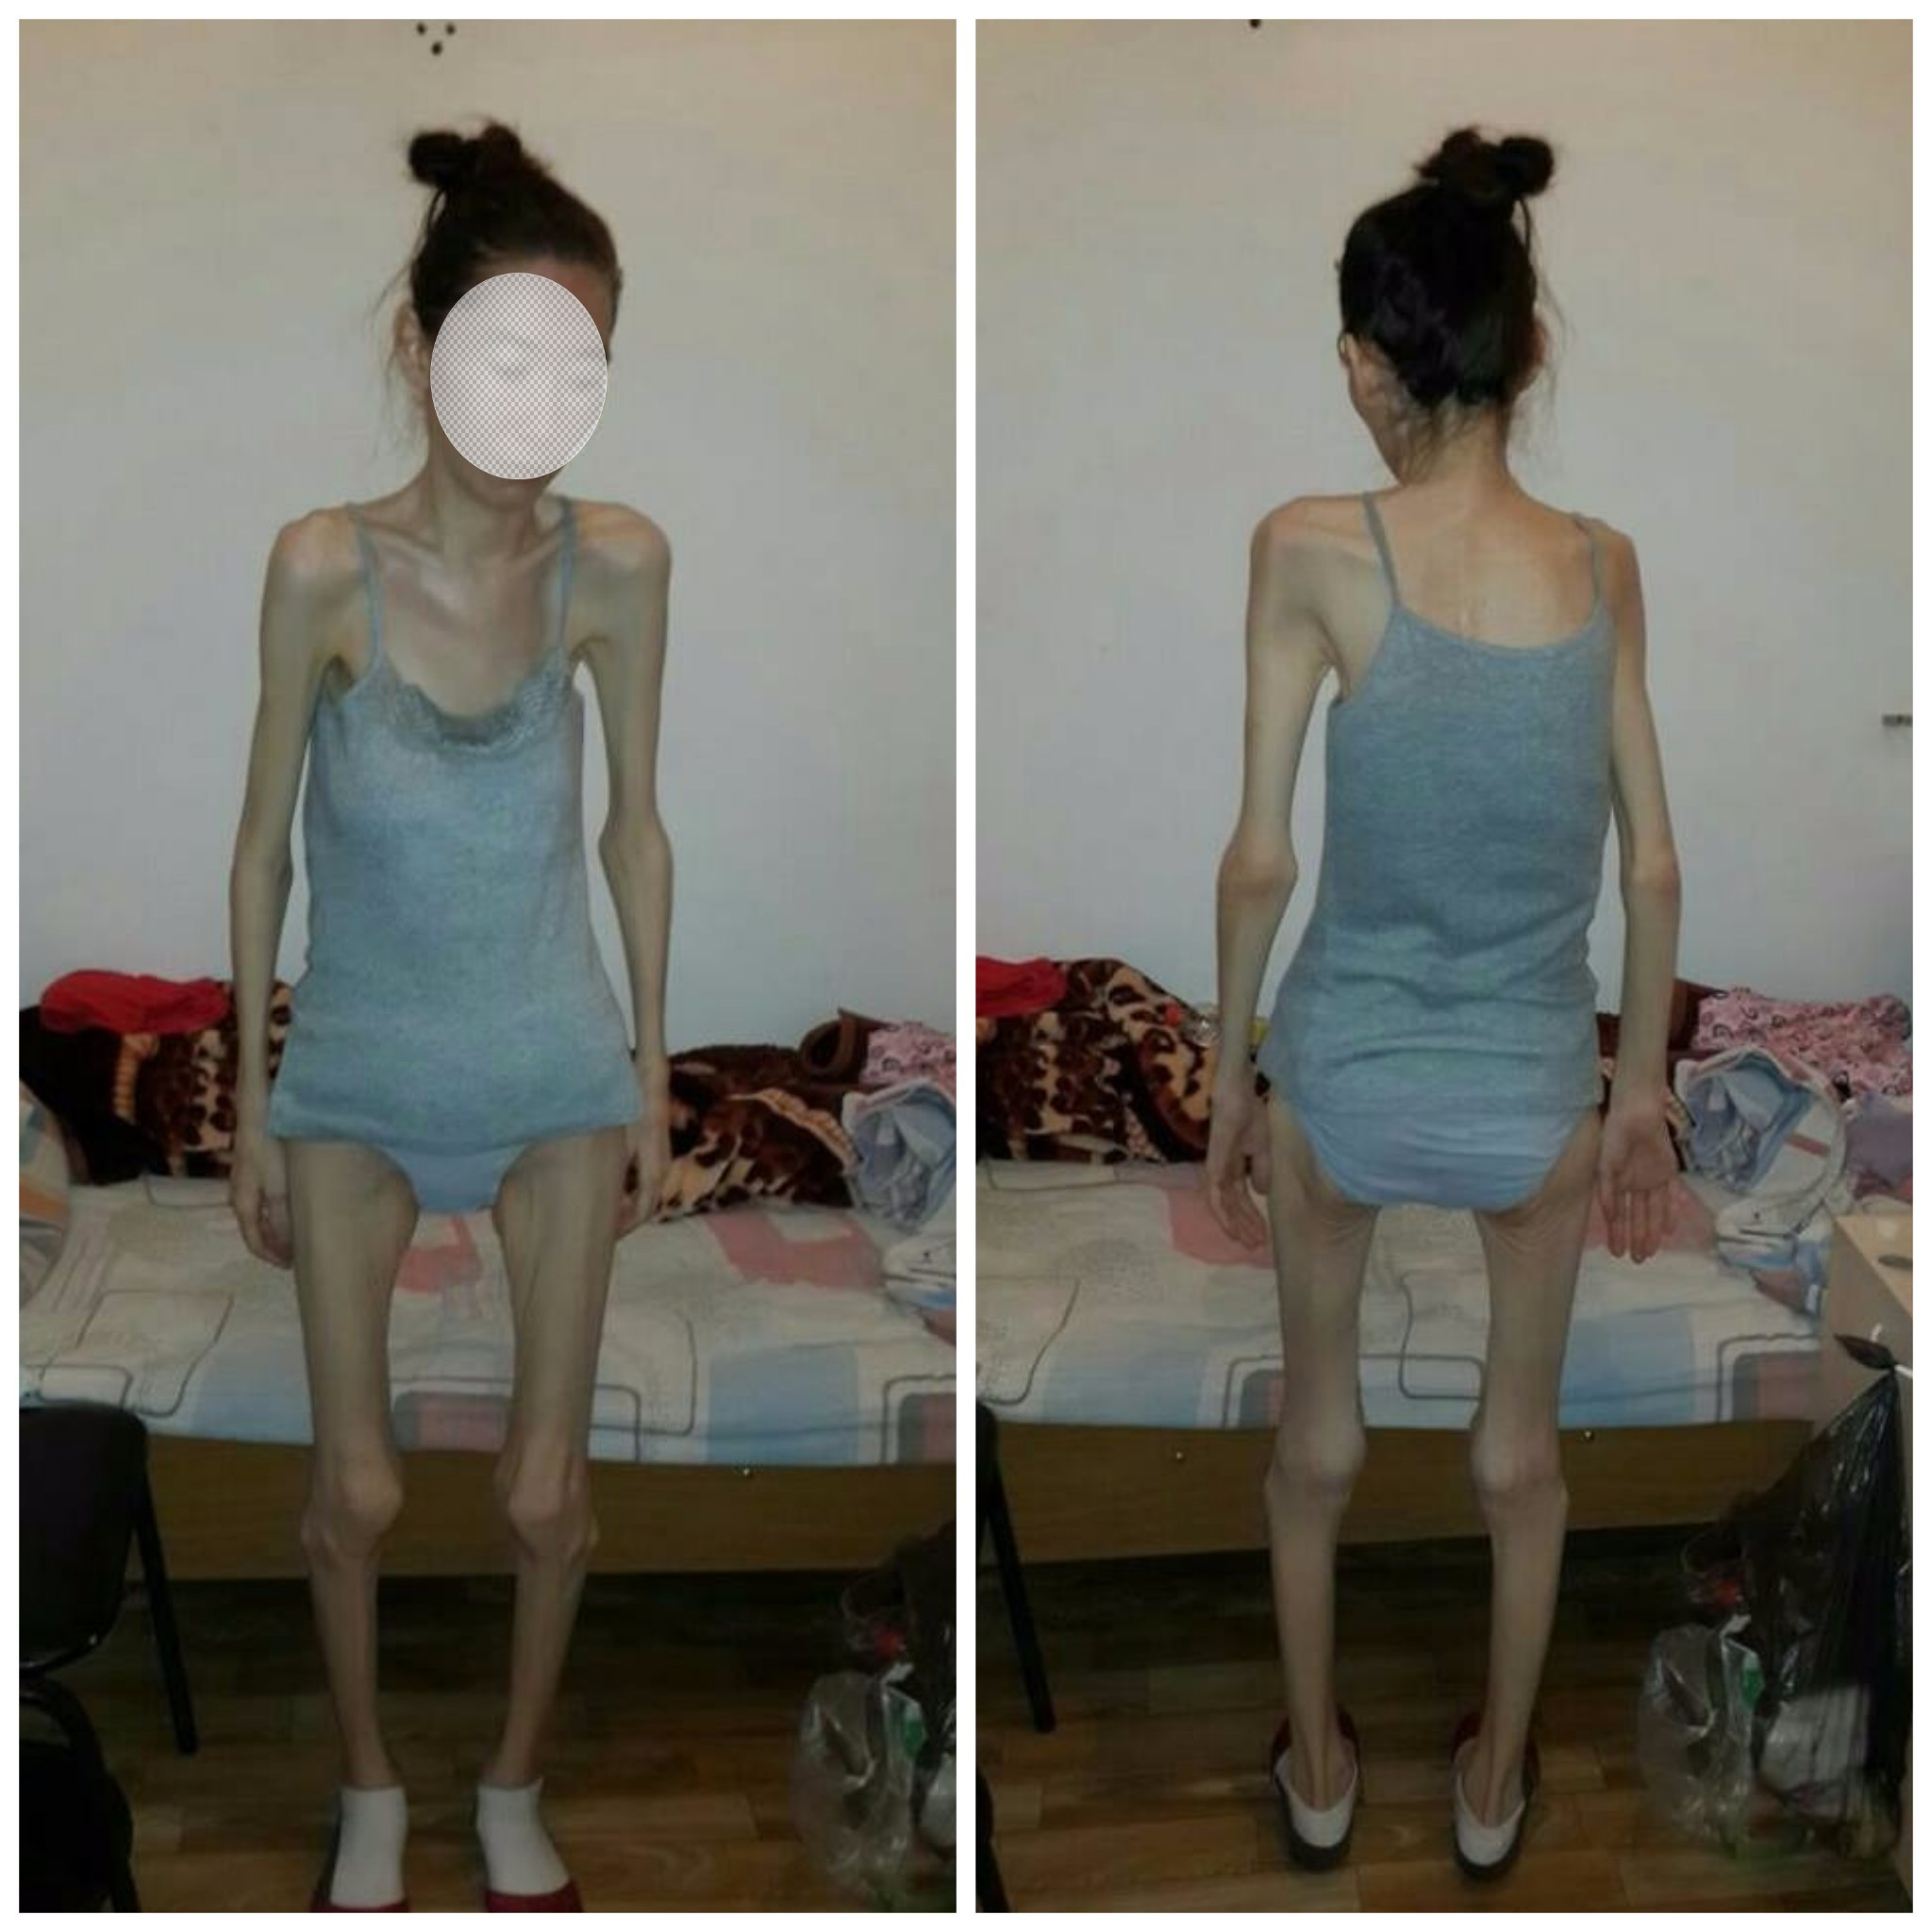 Новости Атырау - Жители Атырау пытаются спасти больную туберкулезом девушку